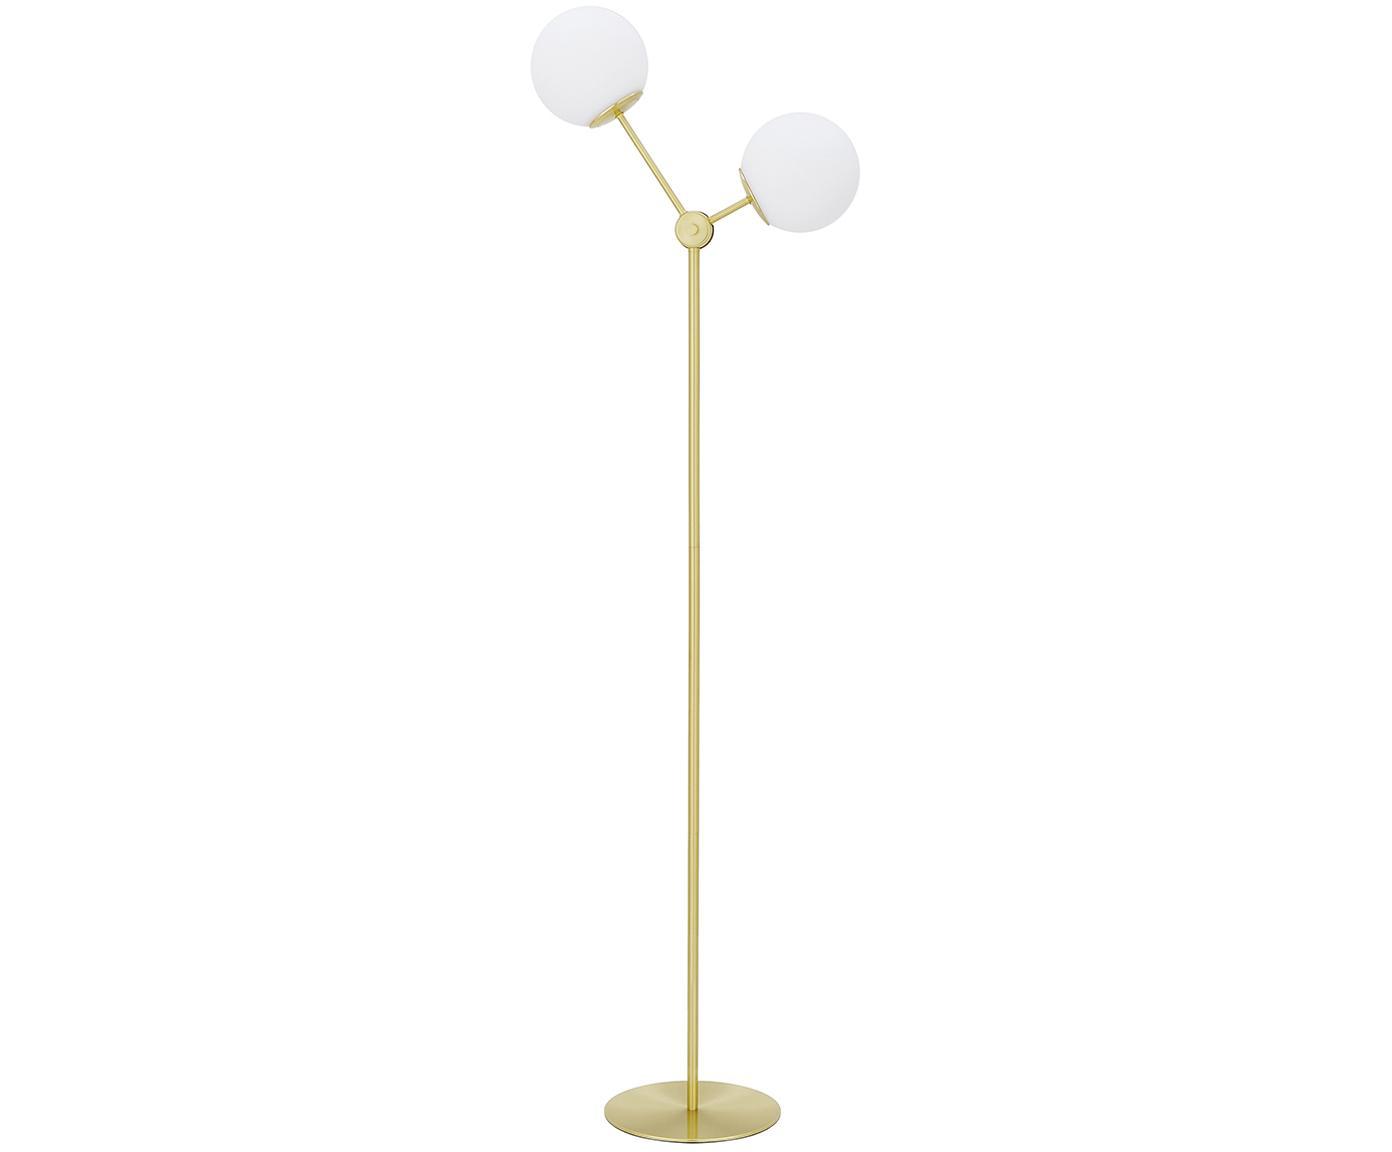 Vloerlamp Aurelia goudkleurig, Lampvoet: vermessingd metaal, Messingkleurig, wit, Ø 25 cm